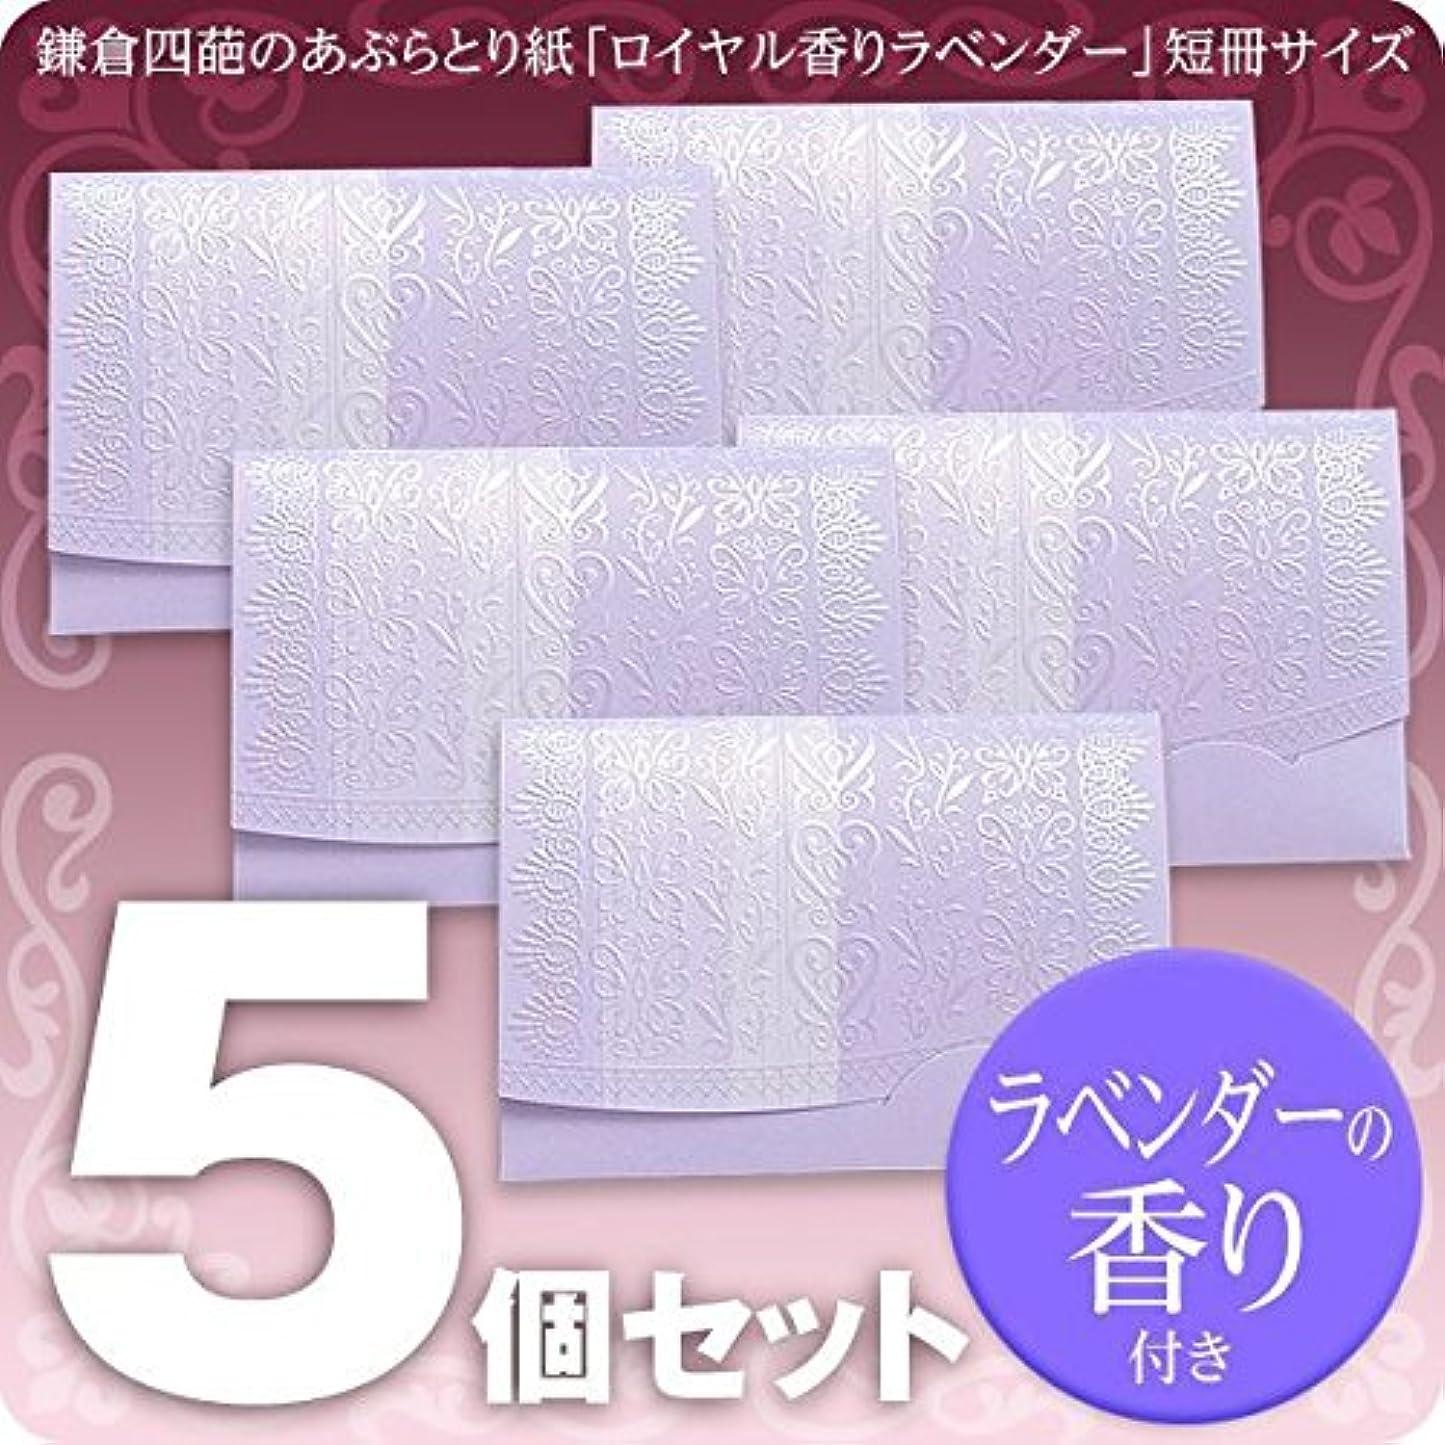 群れ災害不透明な鎌倉四葩のあぶらとり紙 ロイヤル香りラベンダー 短冊サイズ 5冊セット